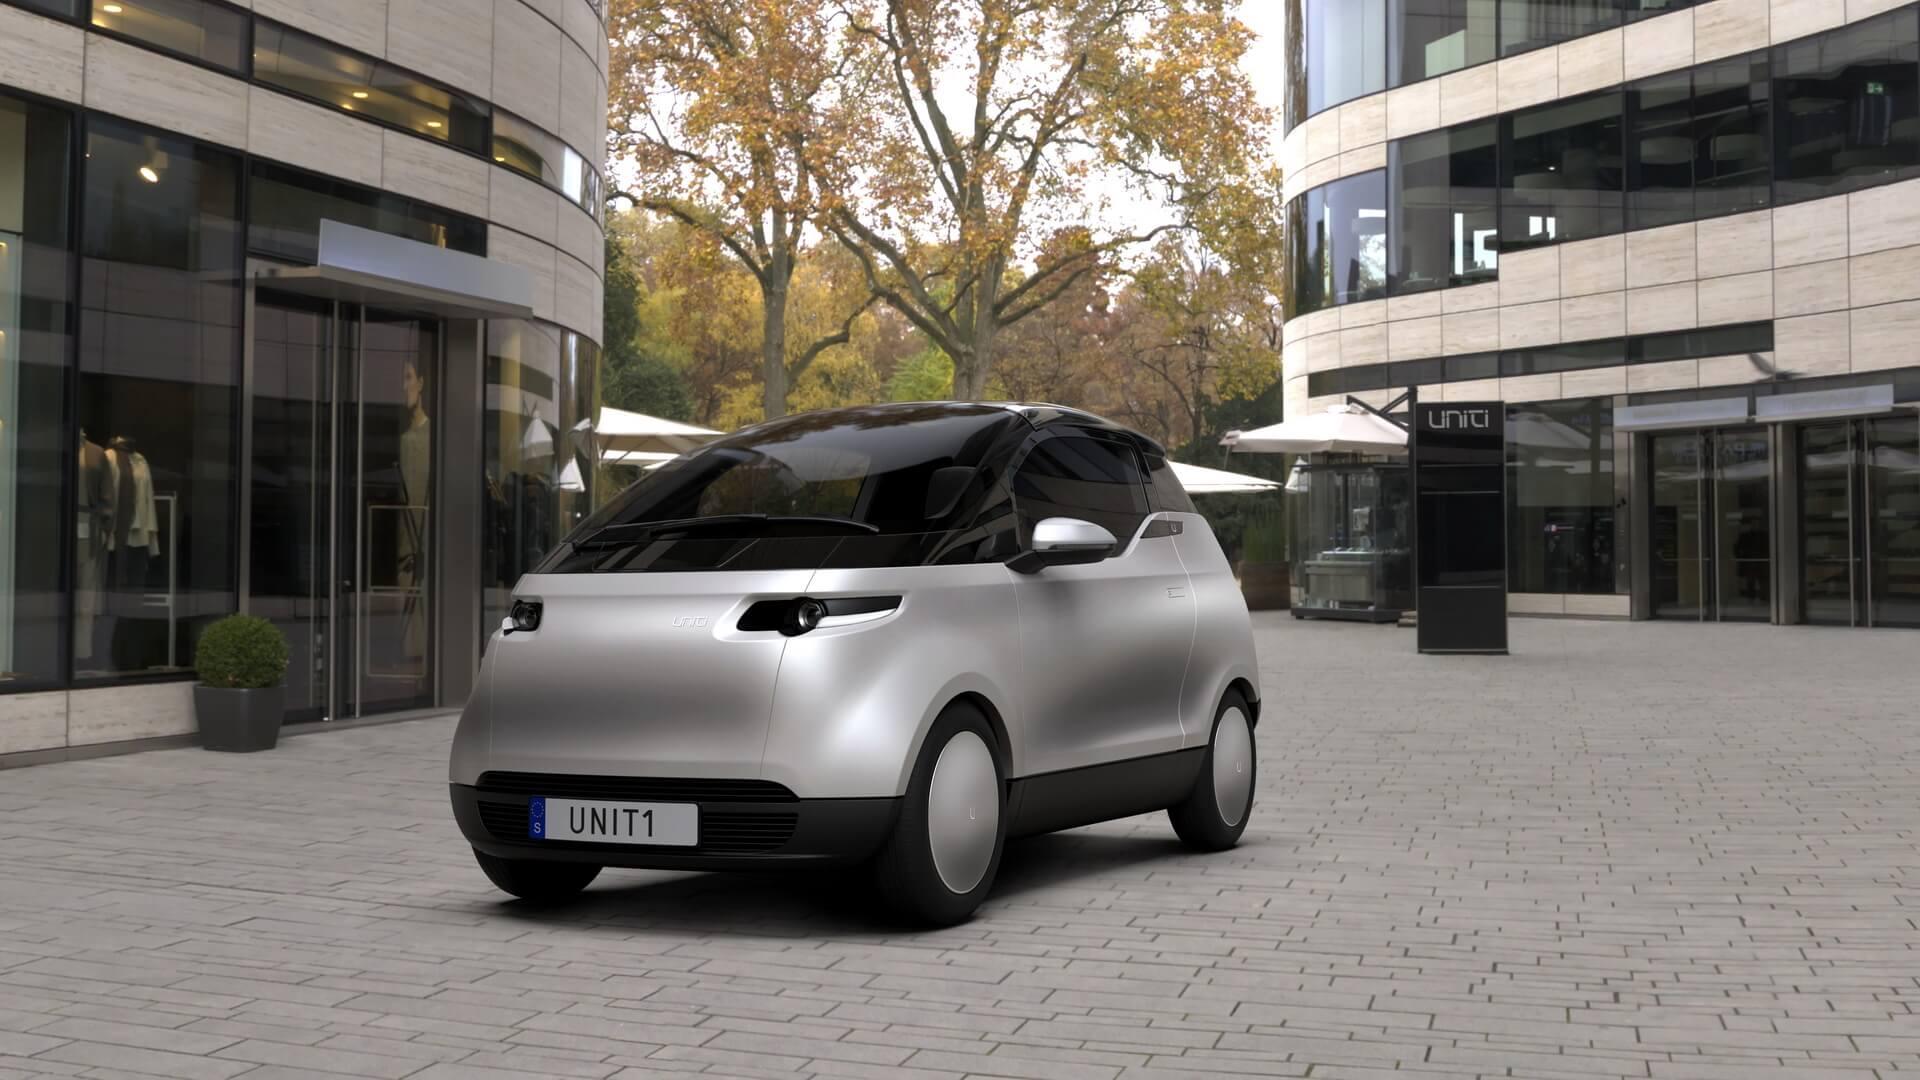 Шведский стартап Uniti опубликовал цены и технические характеристики своего компактного электромобиля One